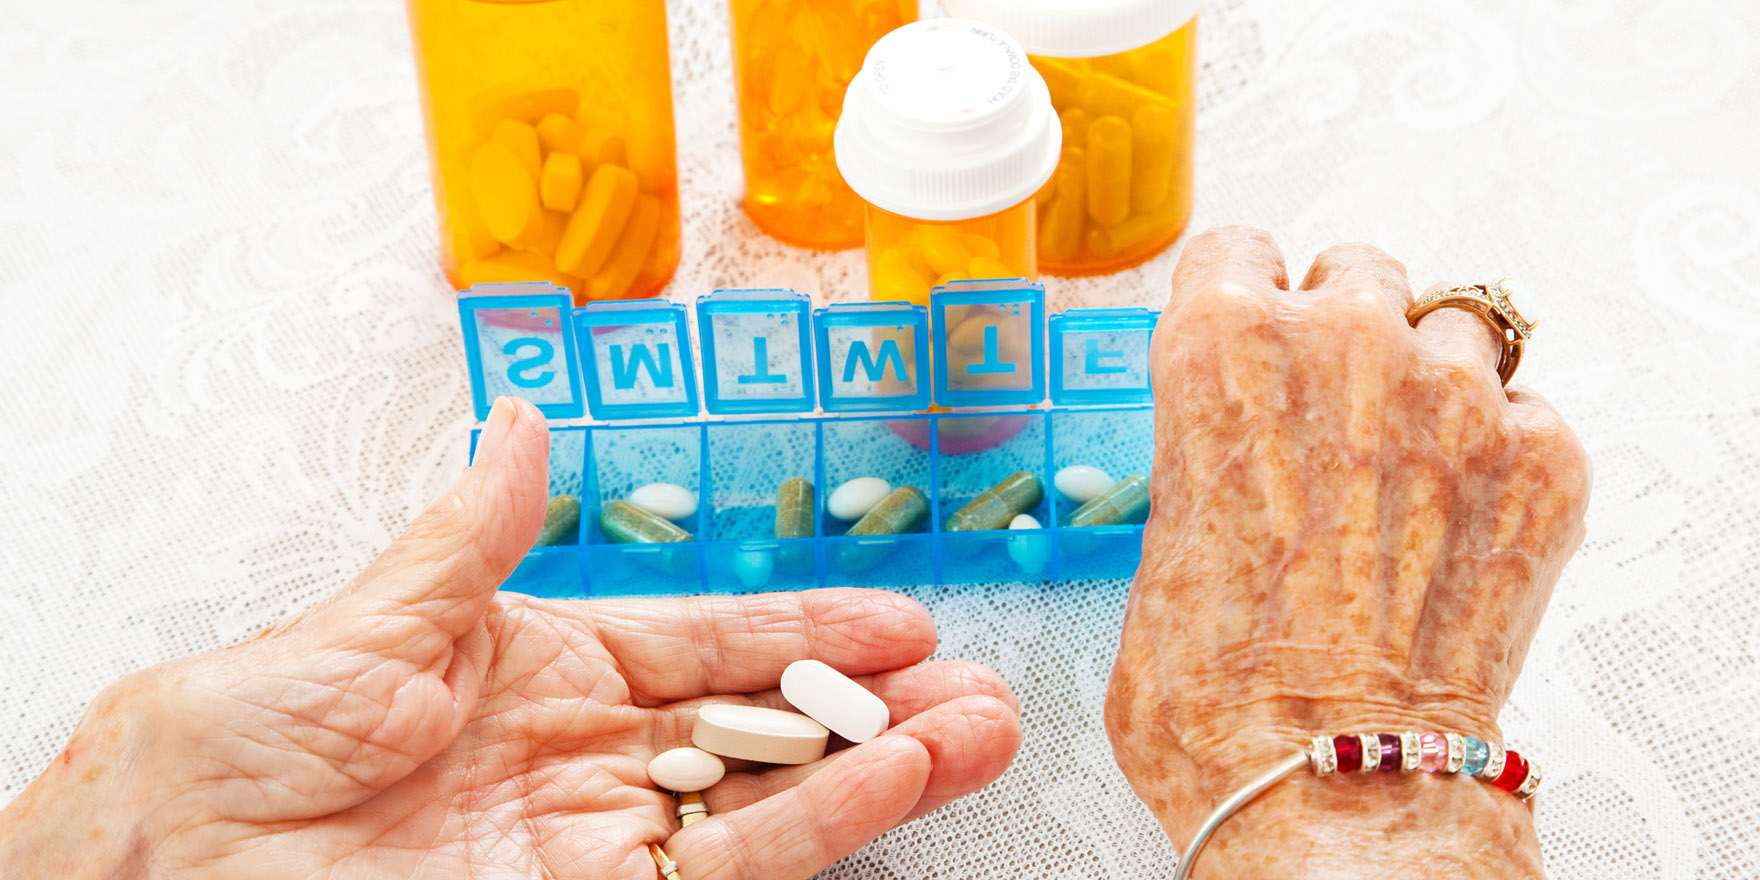 Антибиотик для лечения инфекции костей и суставов гимнастику для т/б суставов, массаж